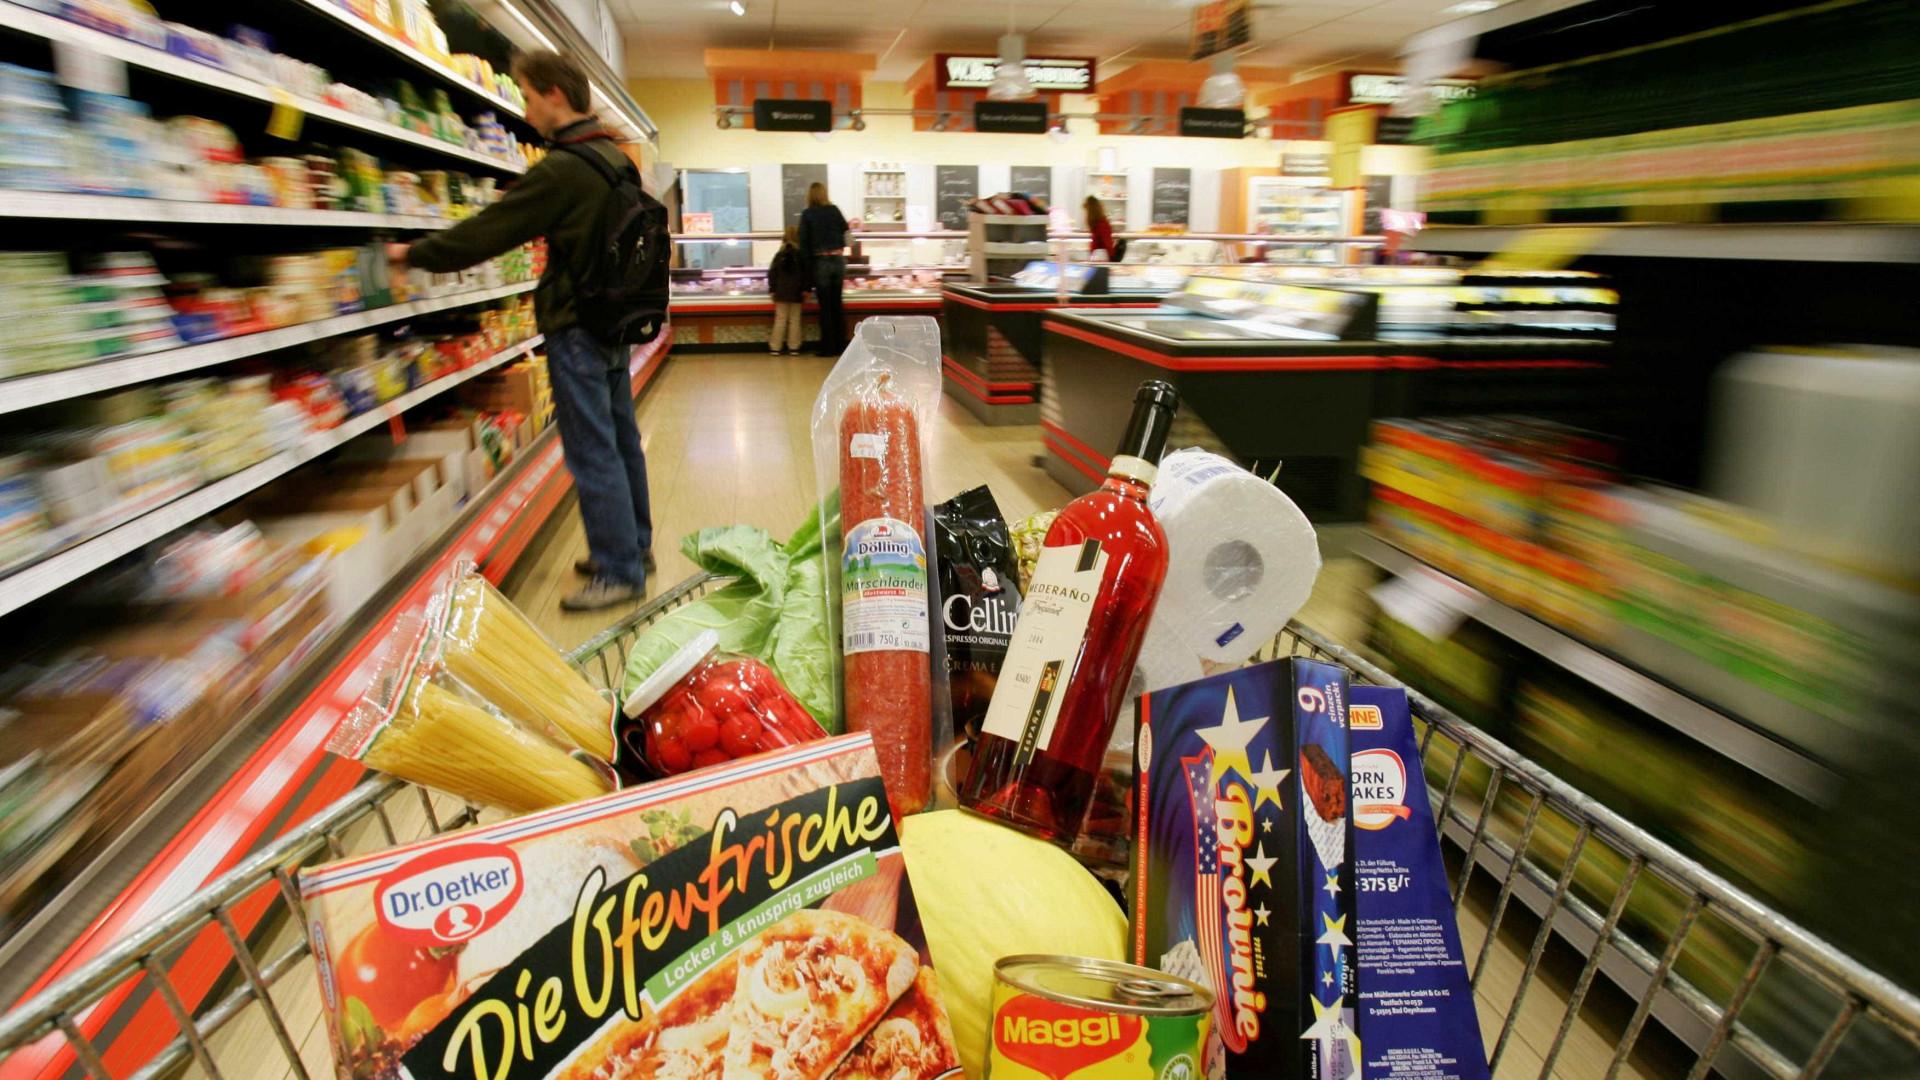 Brasil vs Reino Unido: brasileira compara preços e choca internautas